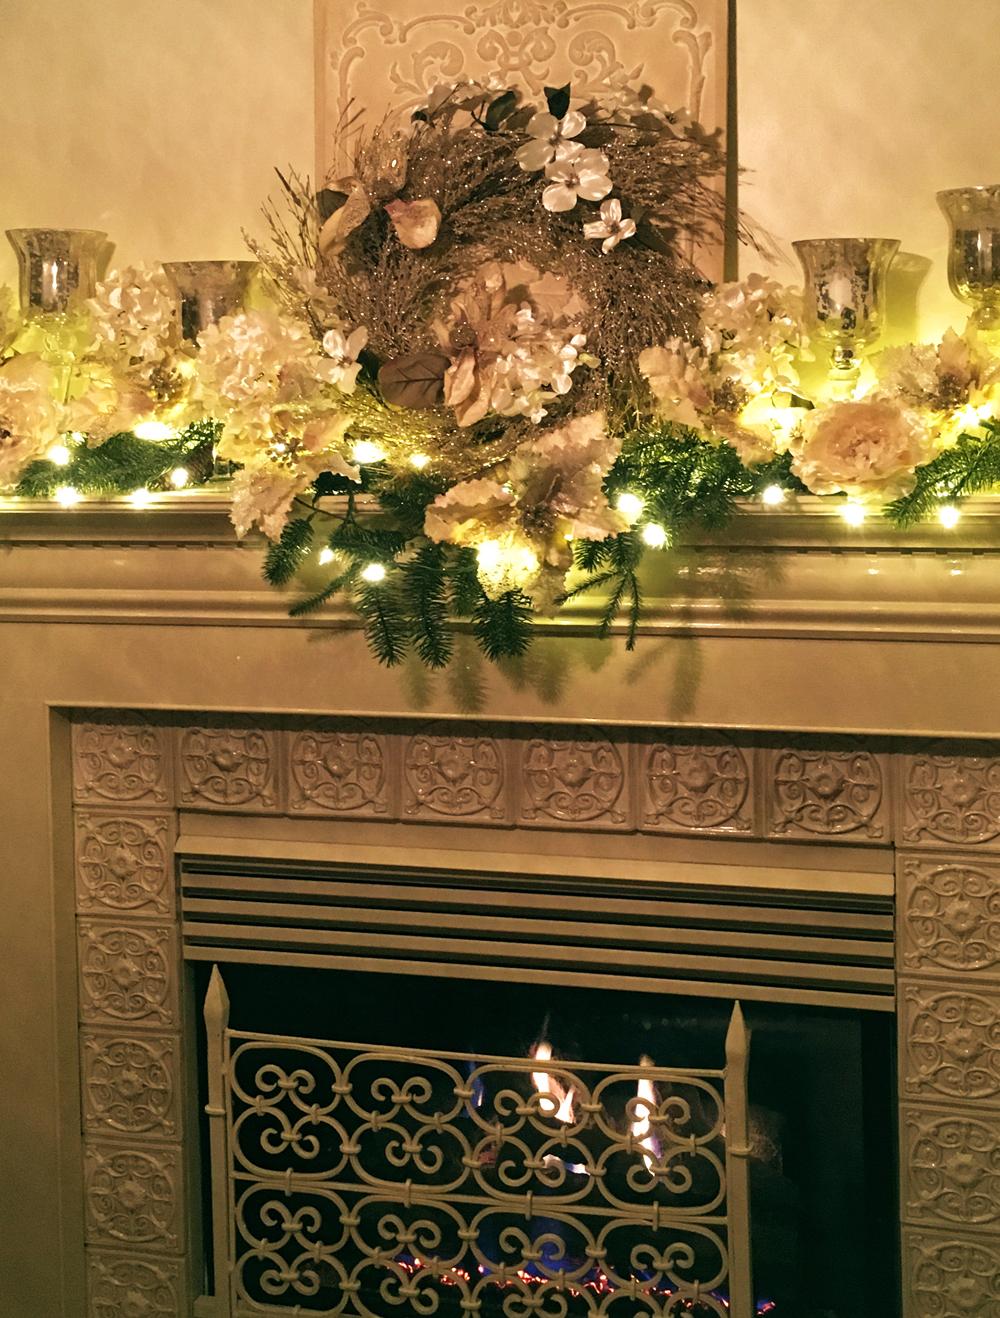 Christmas Mantel Swag with Lights